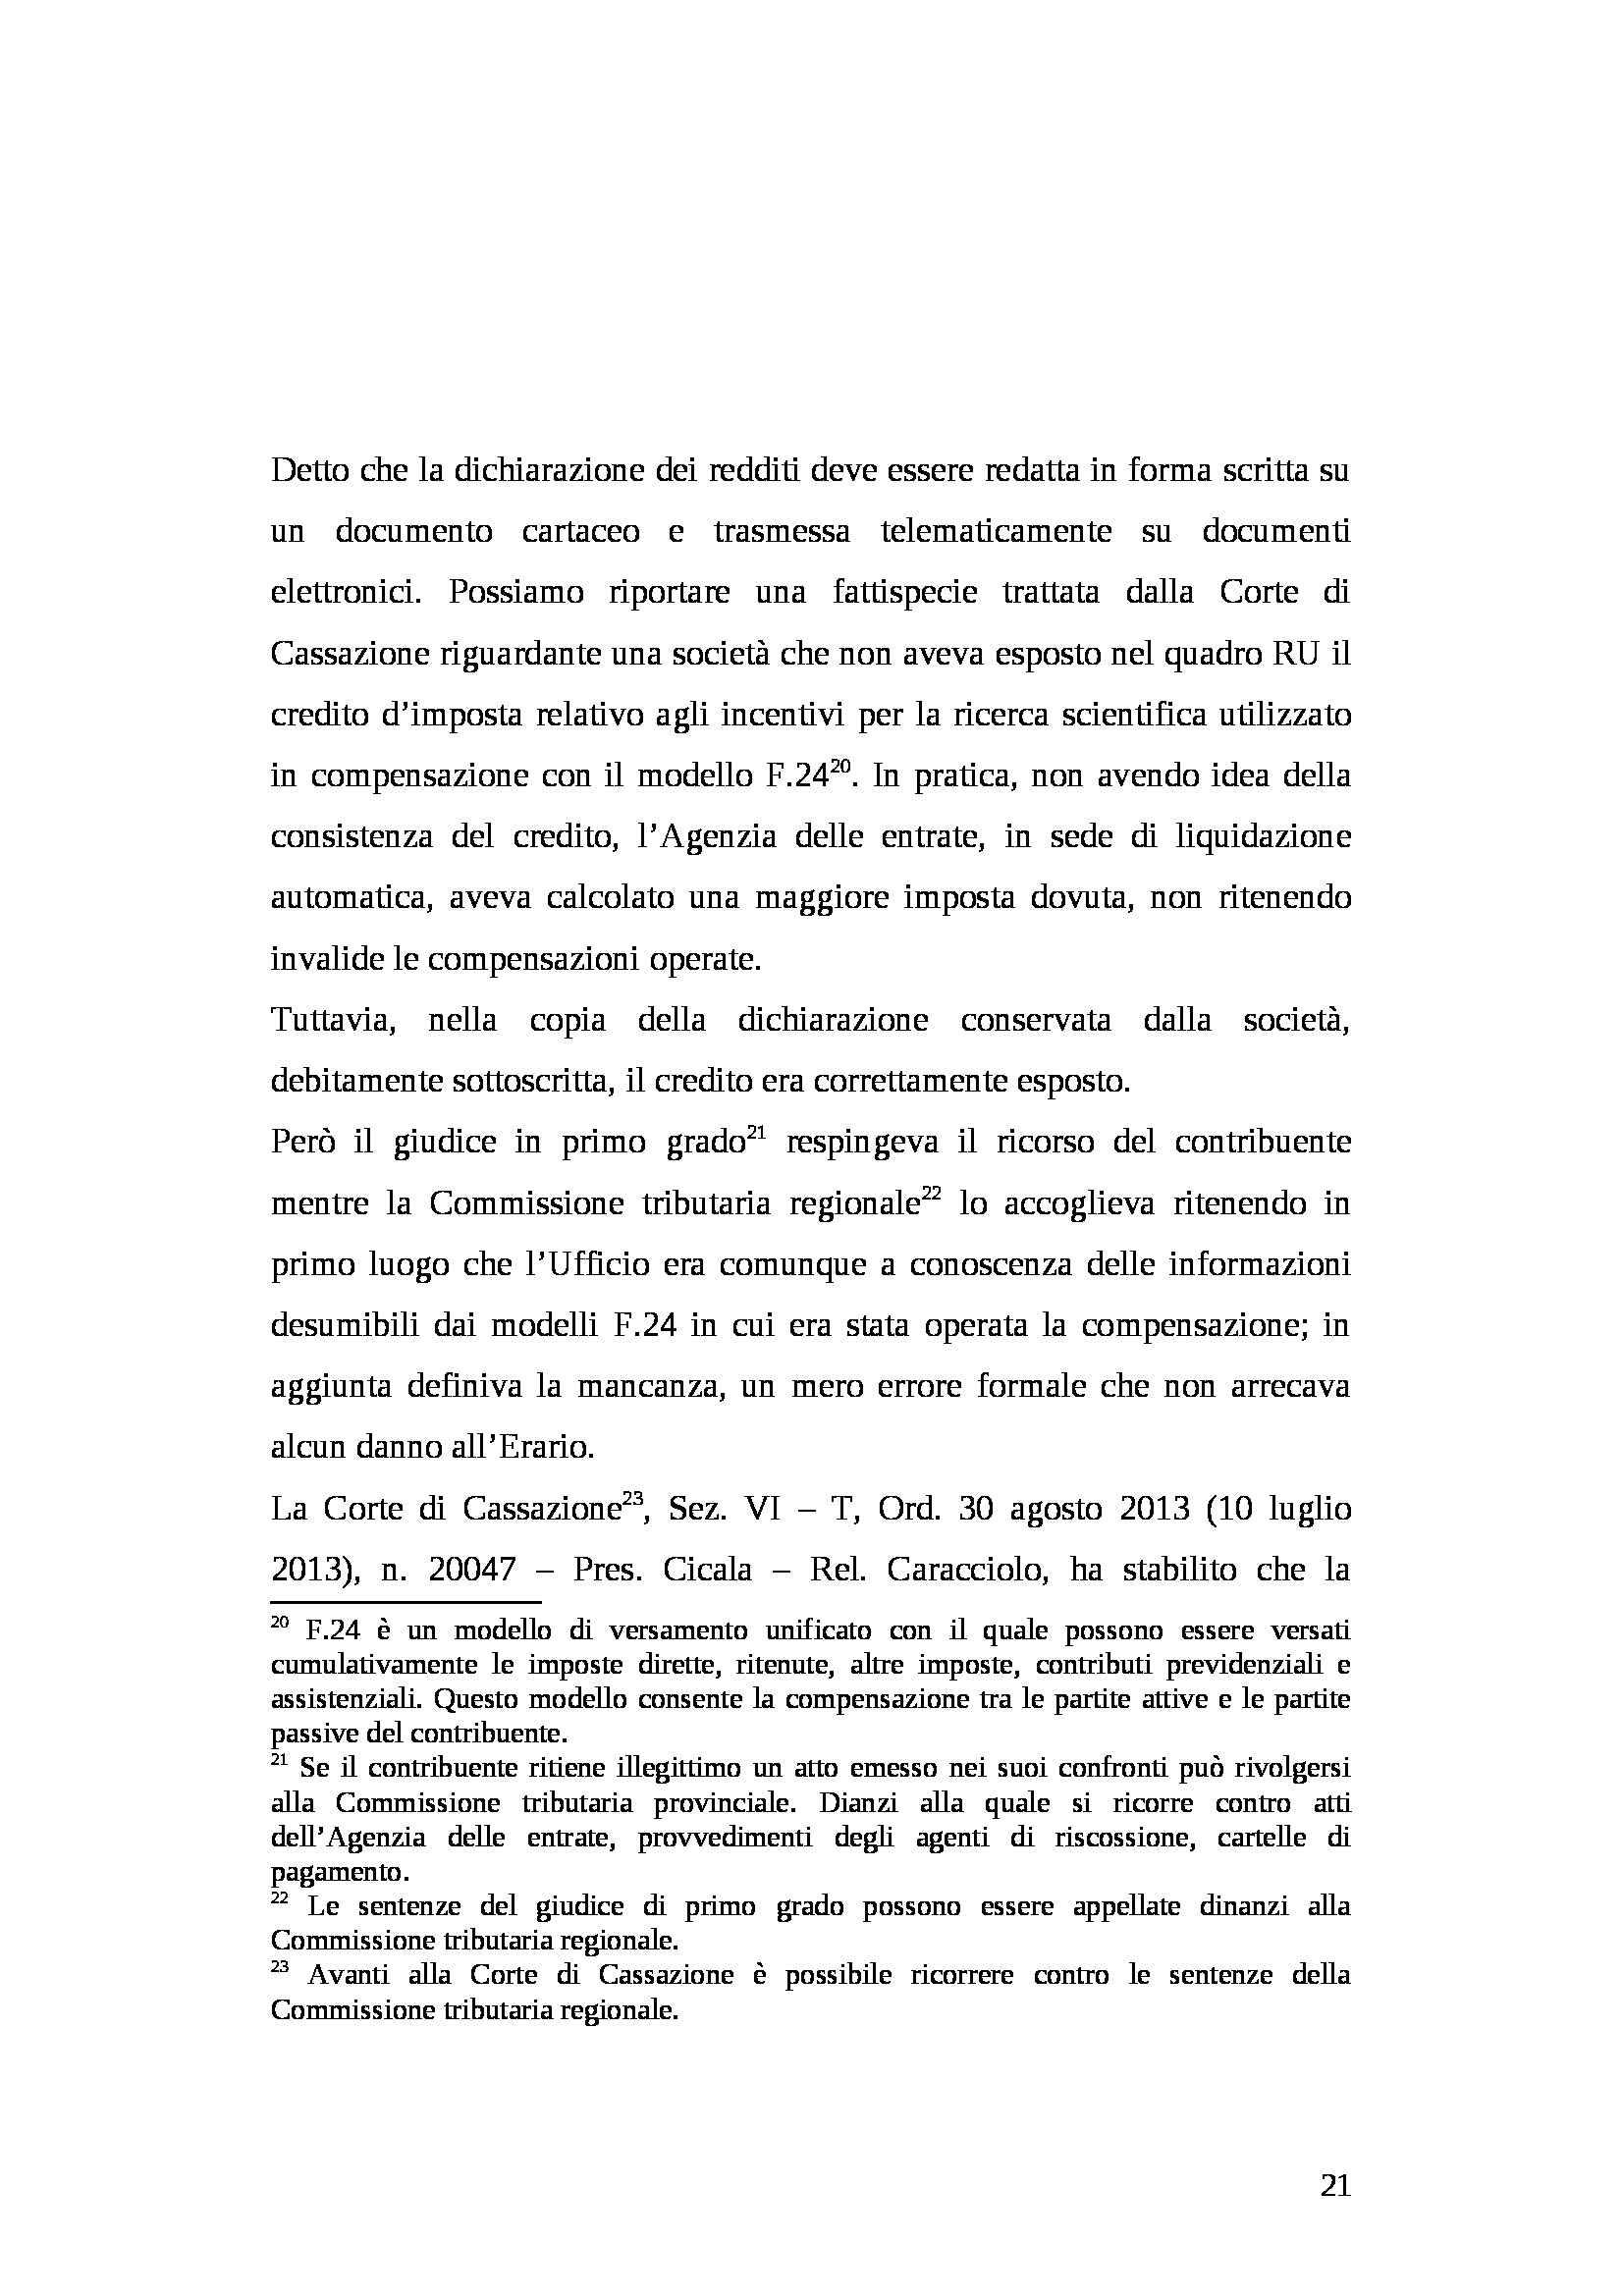 Tesi - Dichiarazione dei redditi Pag. 21